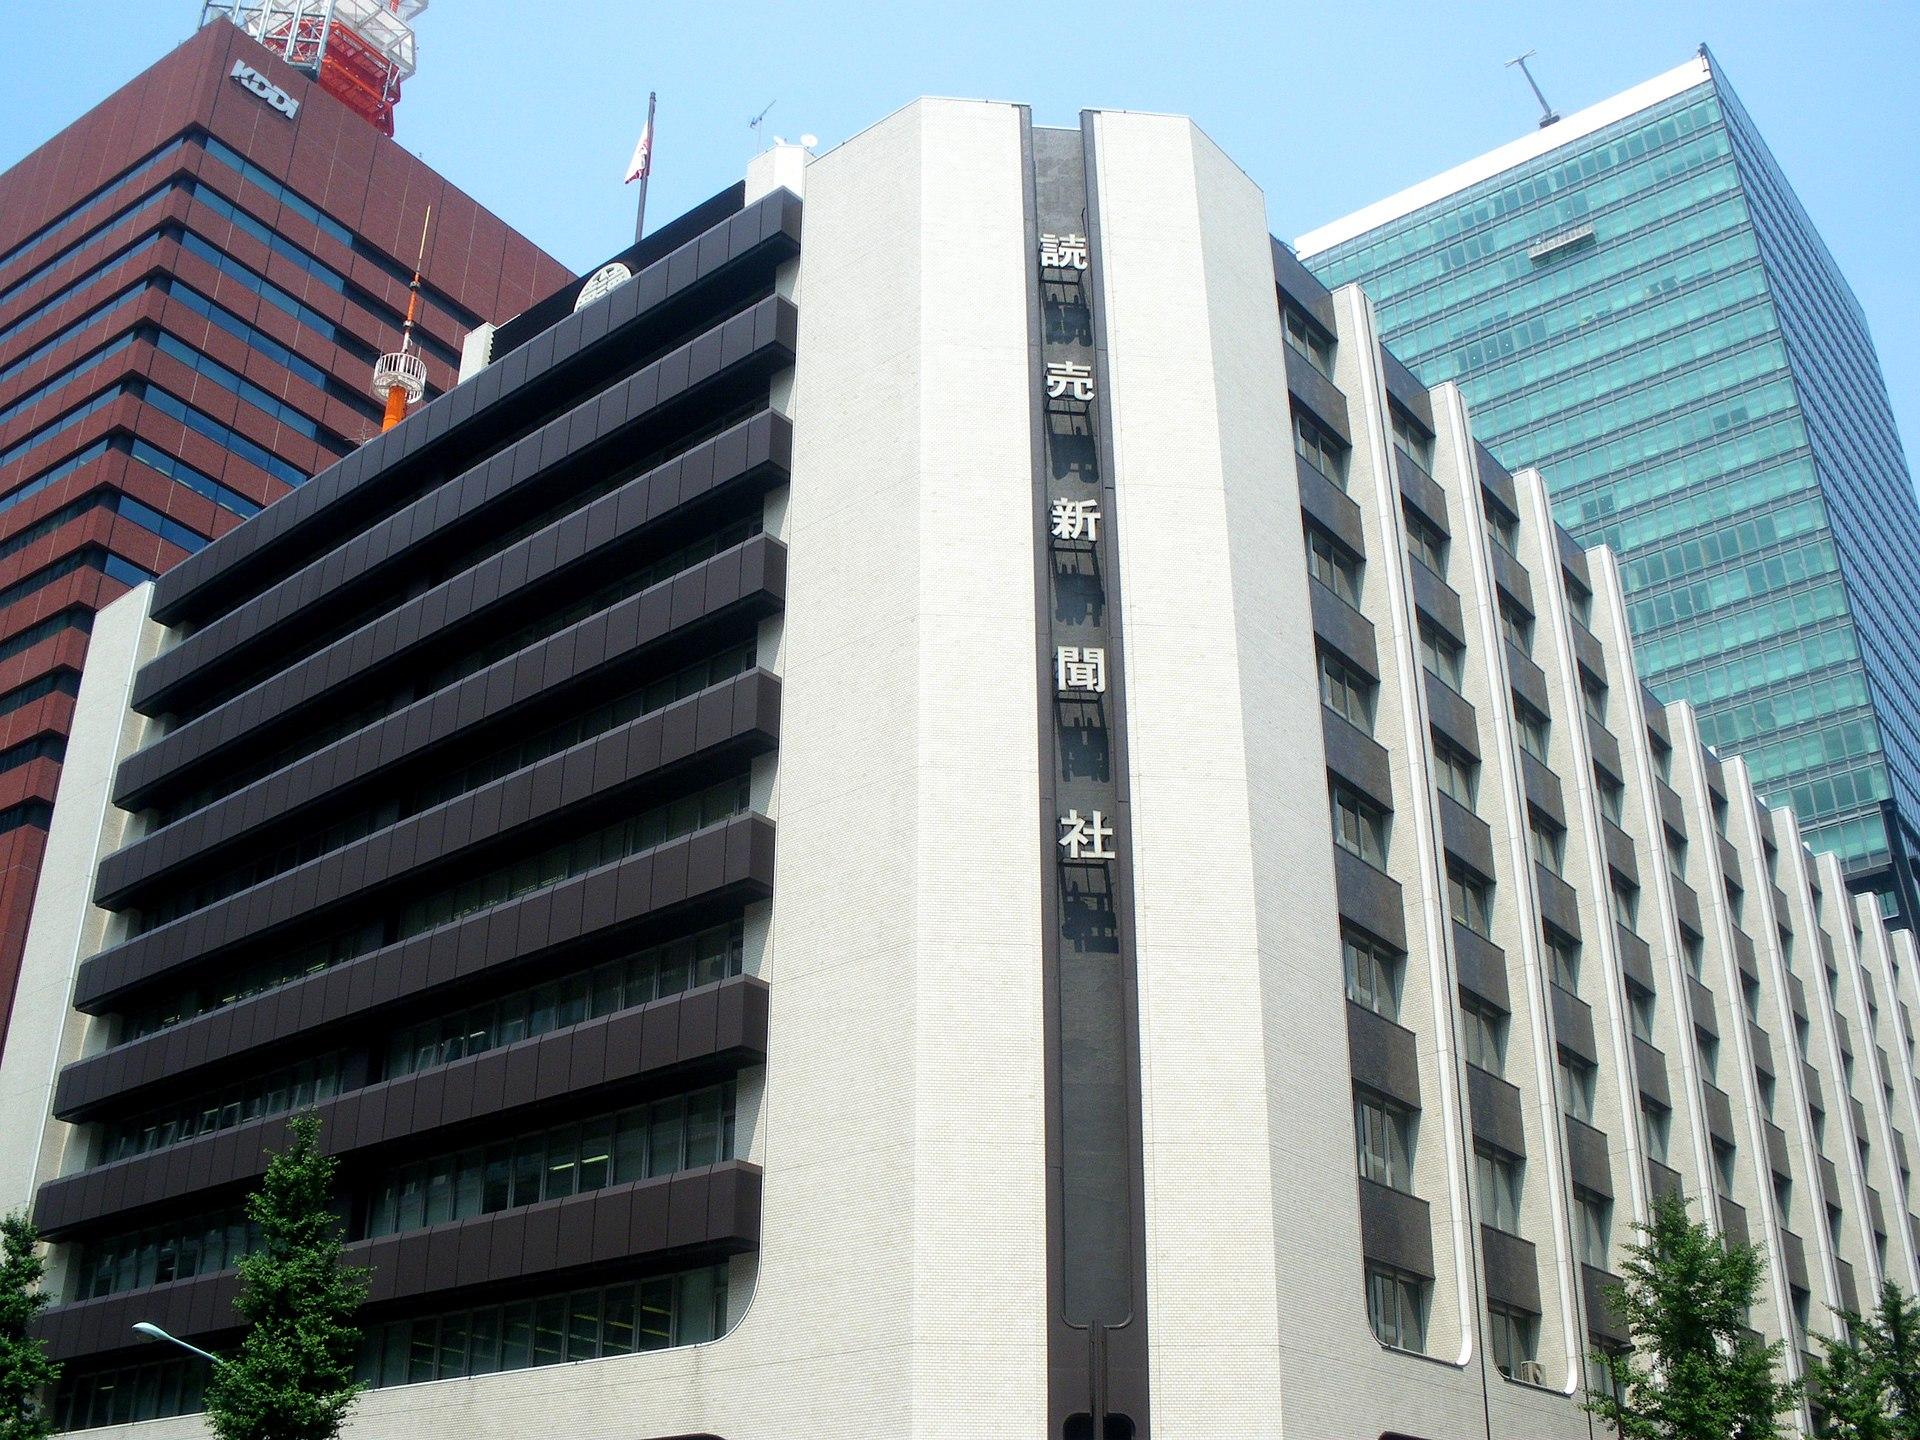 yomiuri shimbun � wikip233dia a enciclop233dia livre